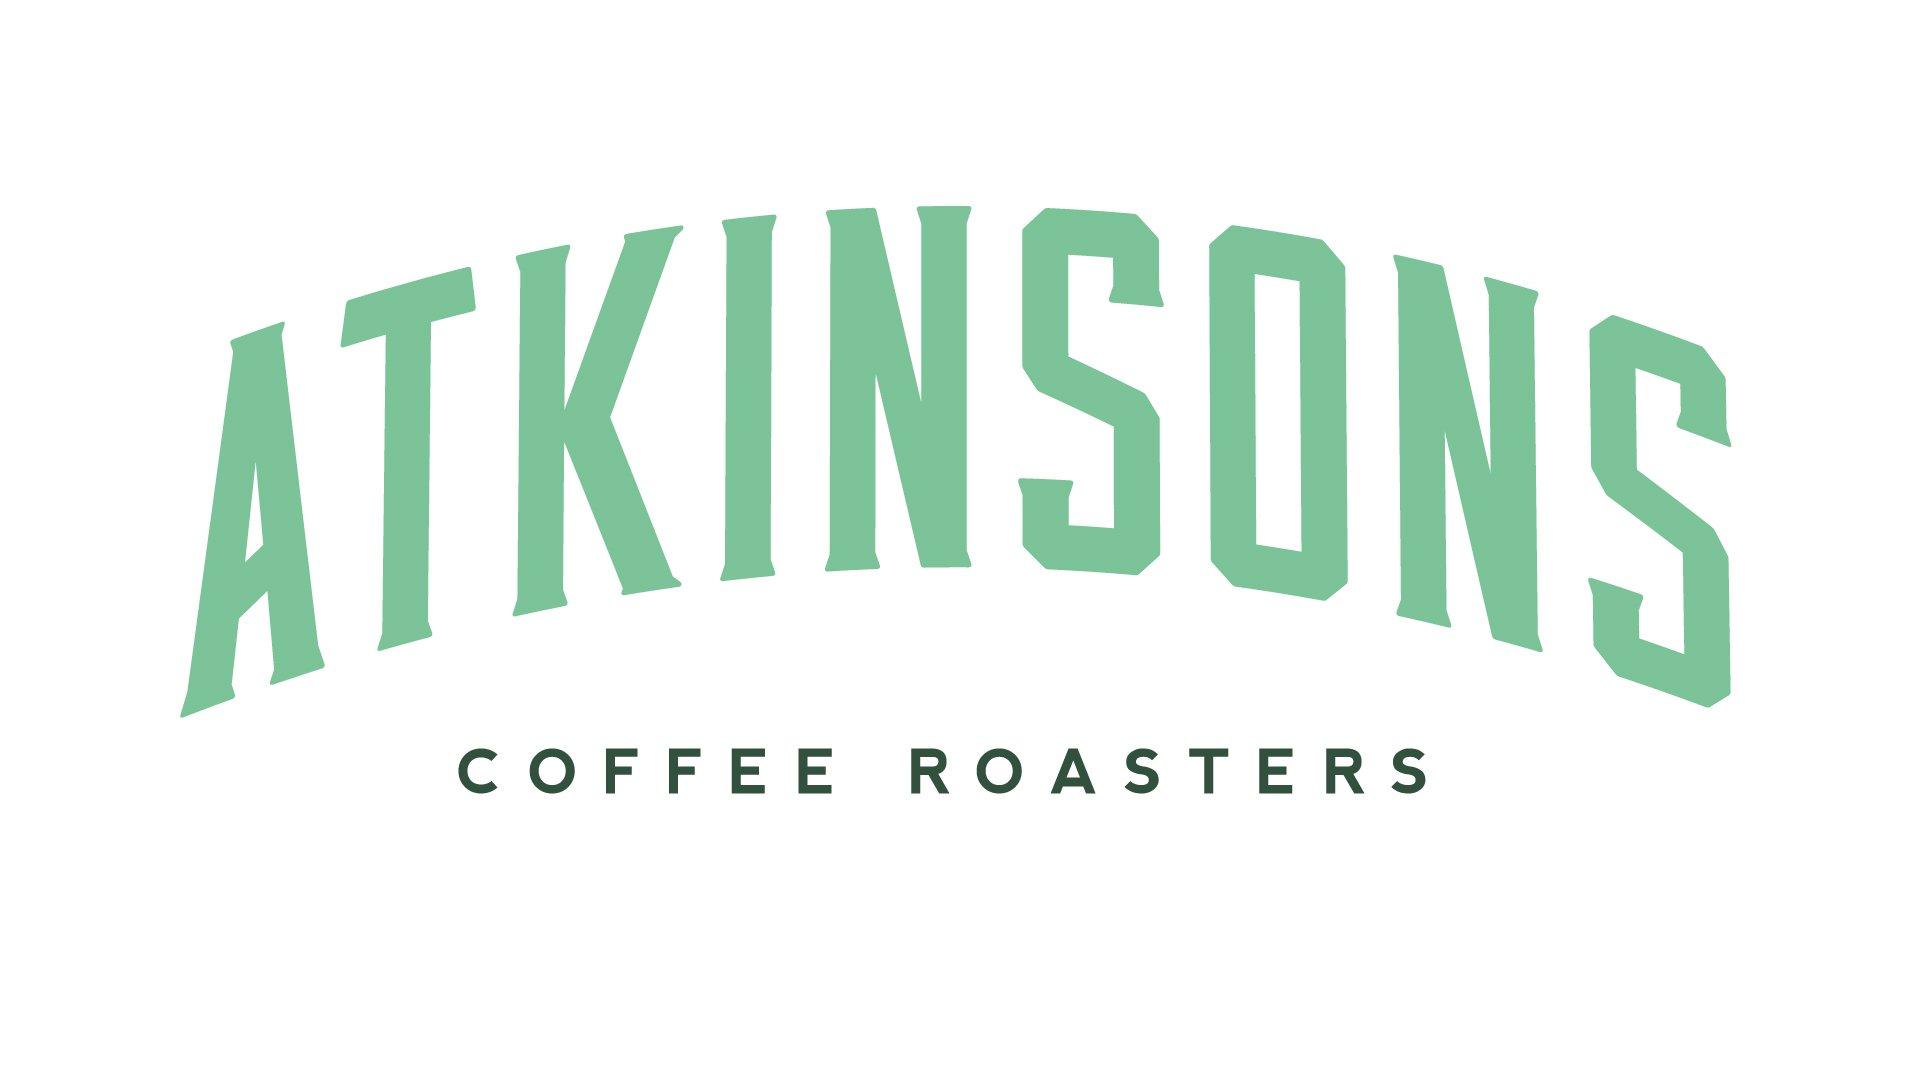 Июль 2018 - Ростеры кофе Atkinsons: кафе Granja La Esperanza, Las Margaritas, медово-красный бурбон